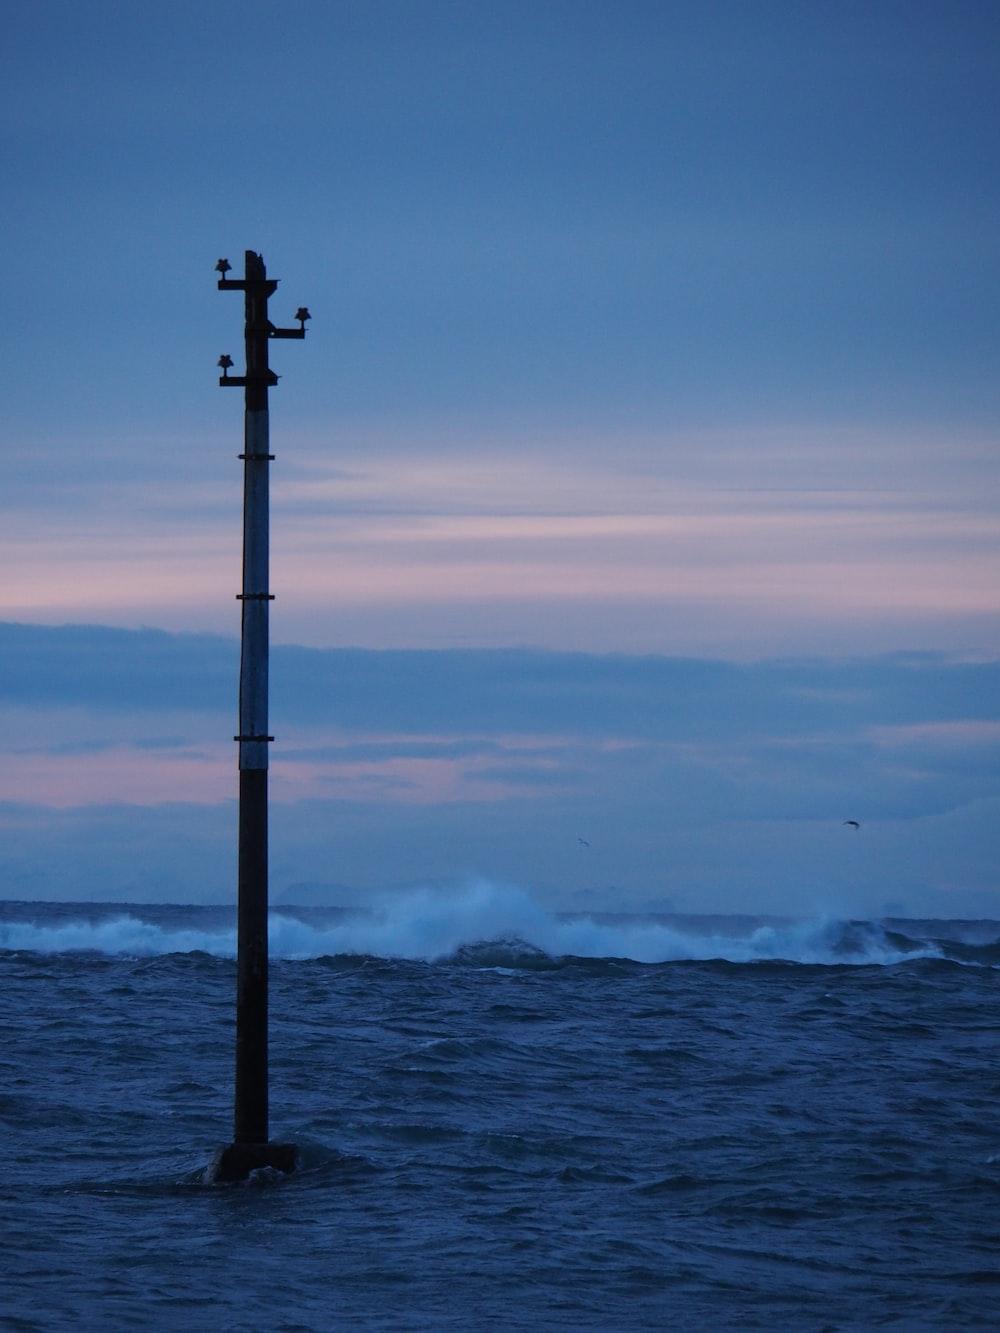 black metal post near sea during daytime